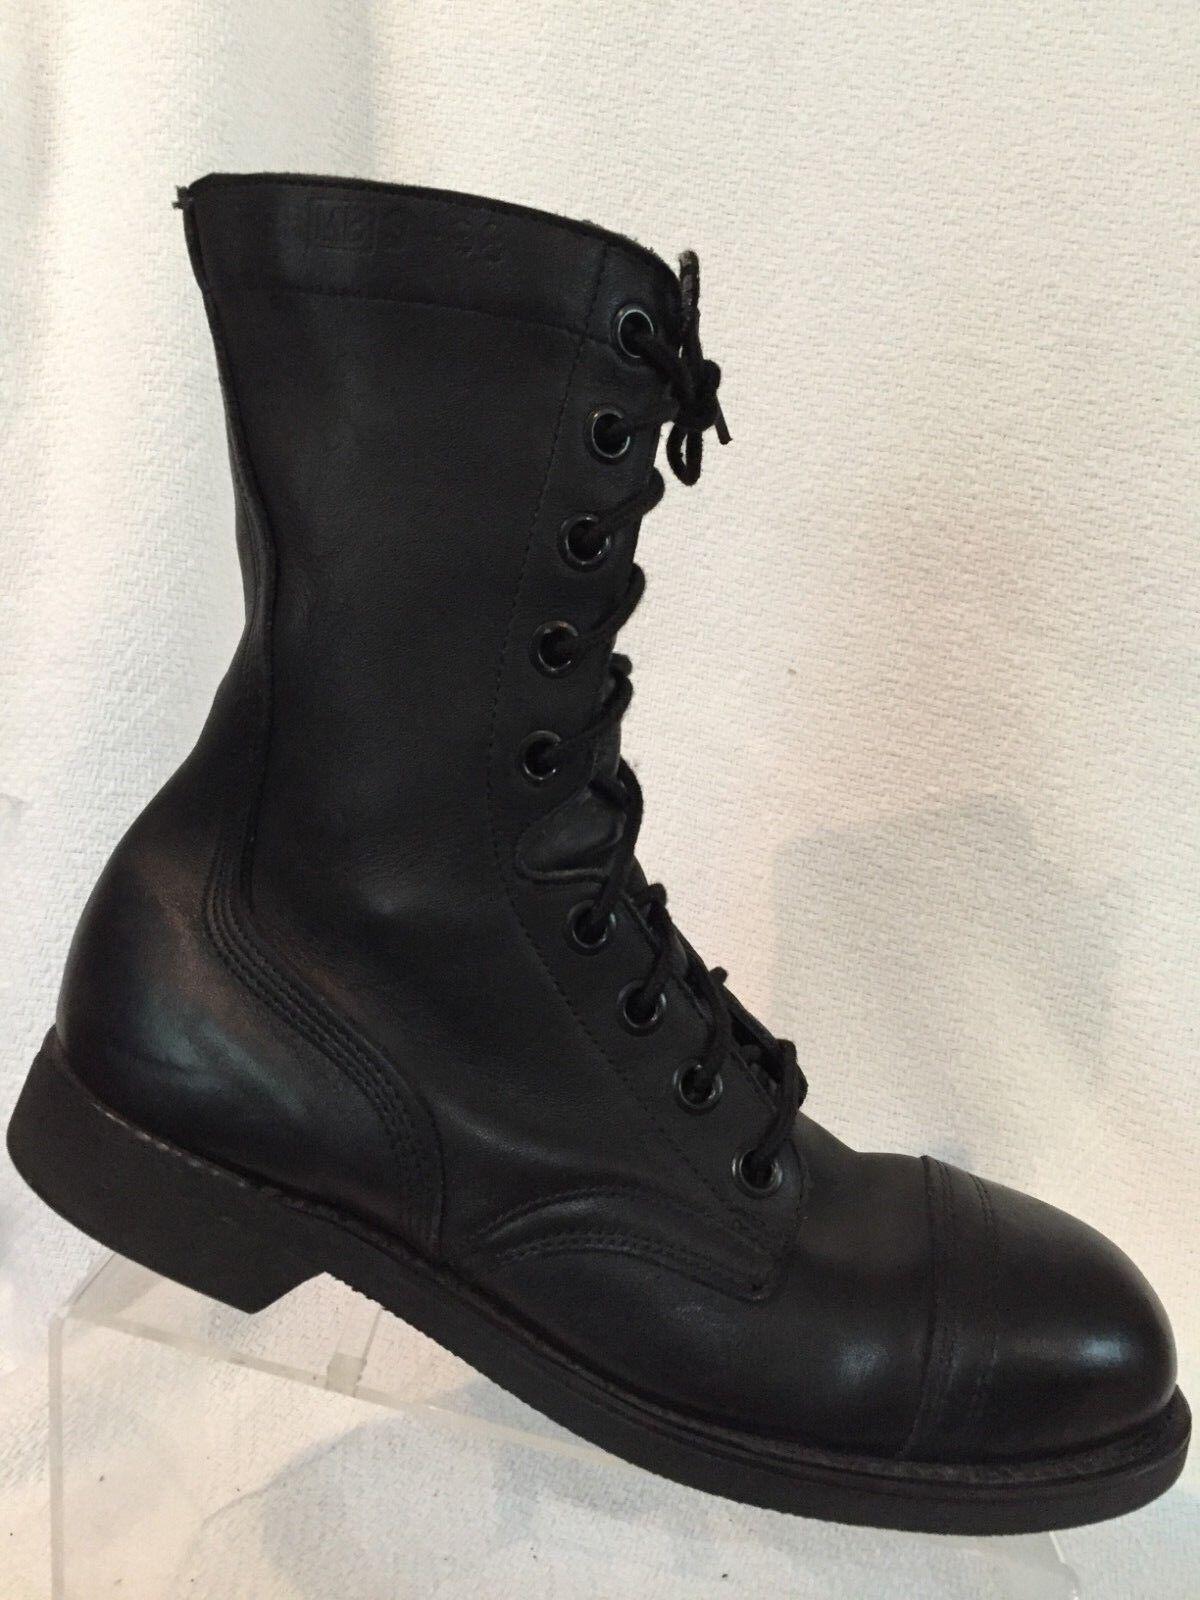 Biltrite ANSI Negro Cuero Puntera De Acero De Combate Militares botas Hombre R